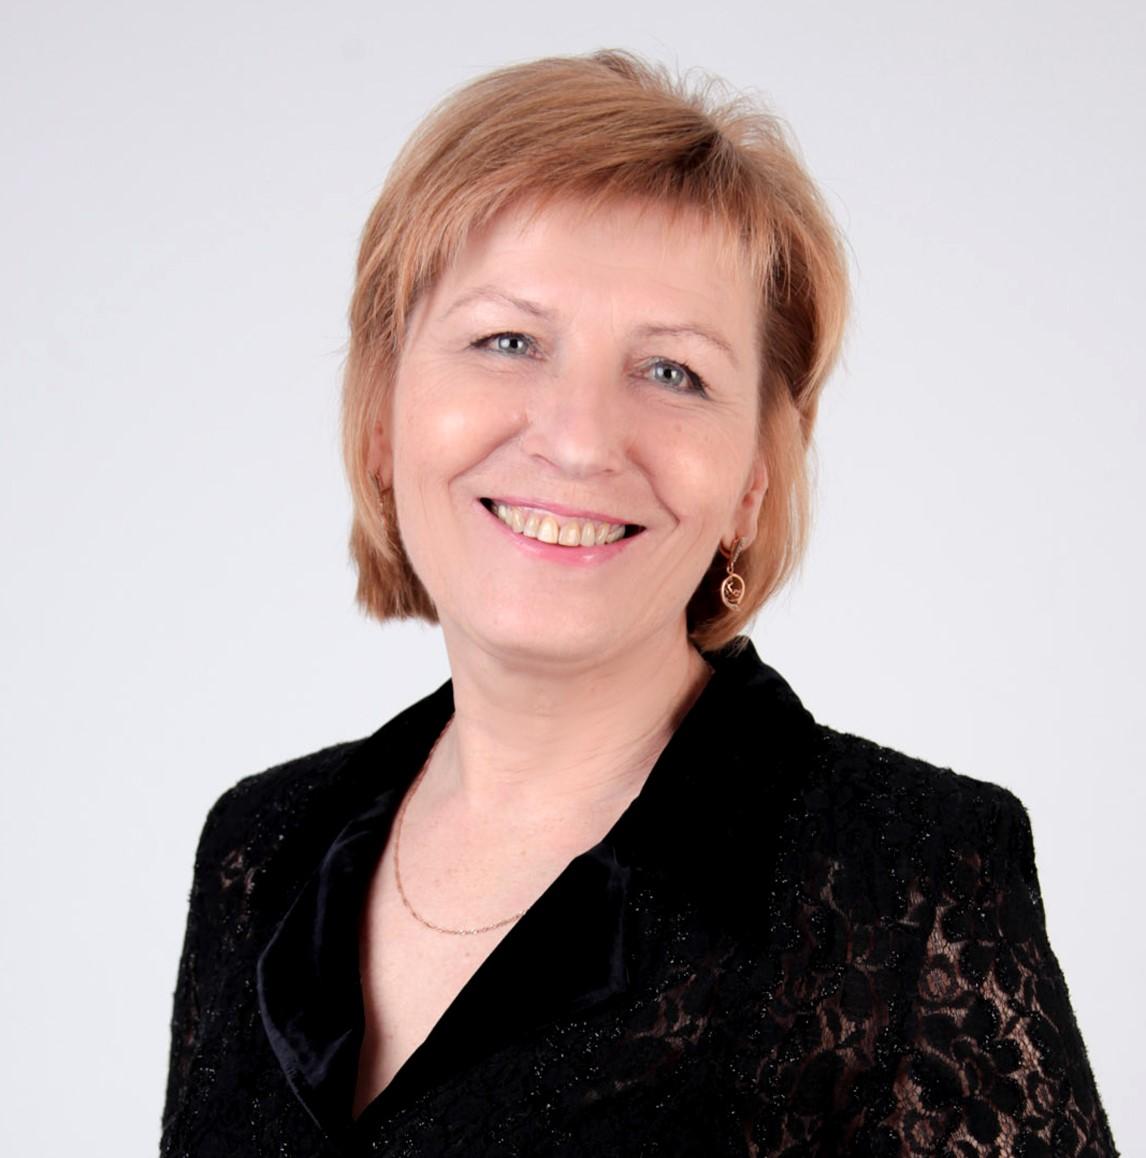 Larisa Shchetsko